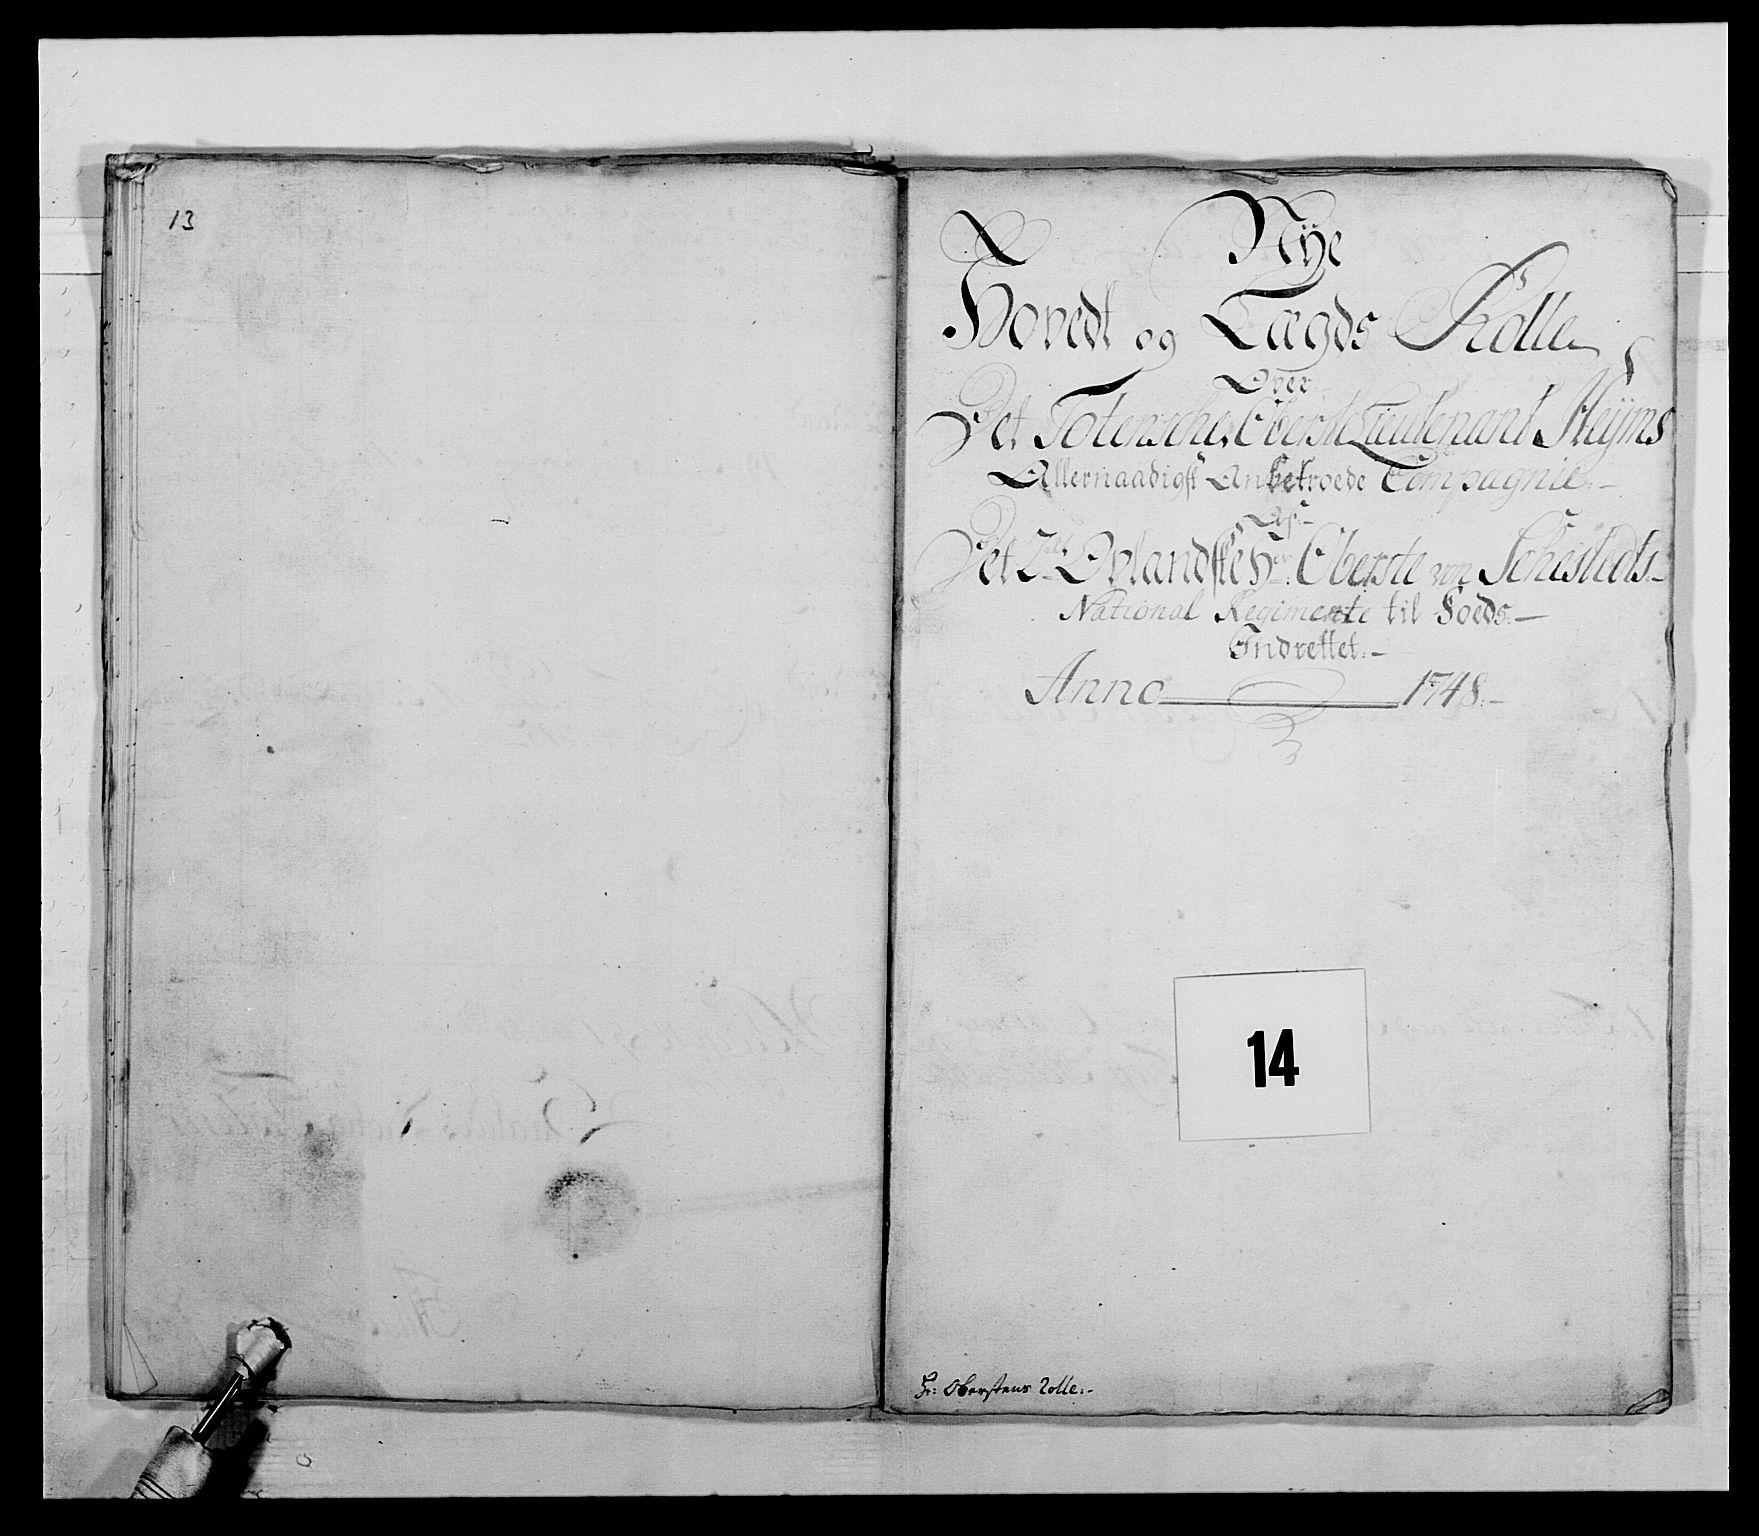 RA, Kommanderende general (KG I) med Det norske krigsdirektorium, E/Ea/L0505: 2. Opplandske regiment, 1748, s. 377